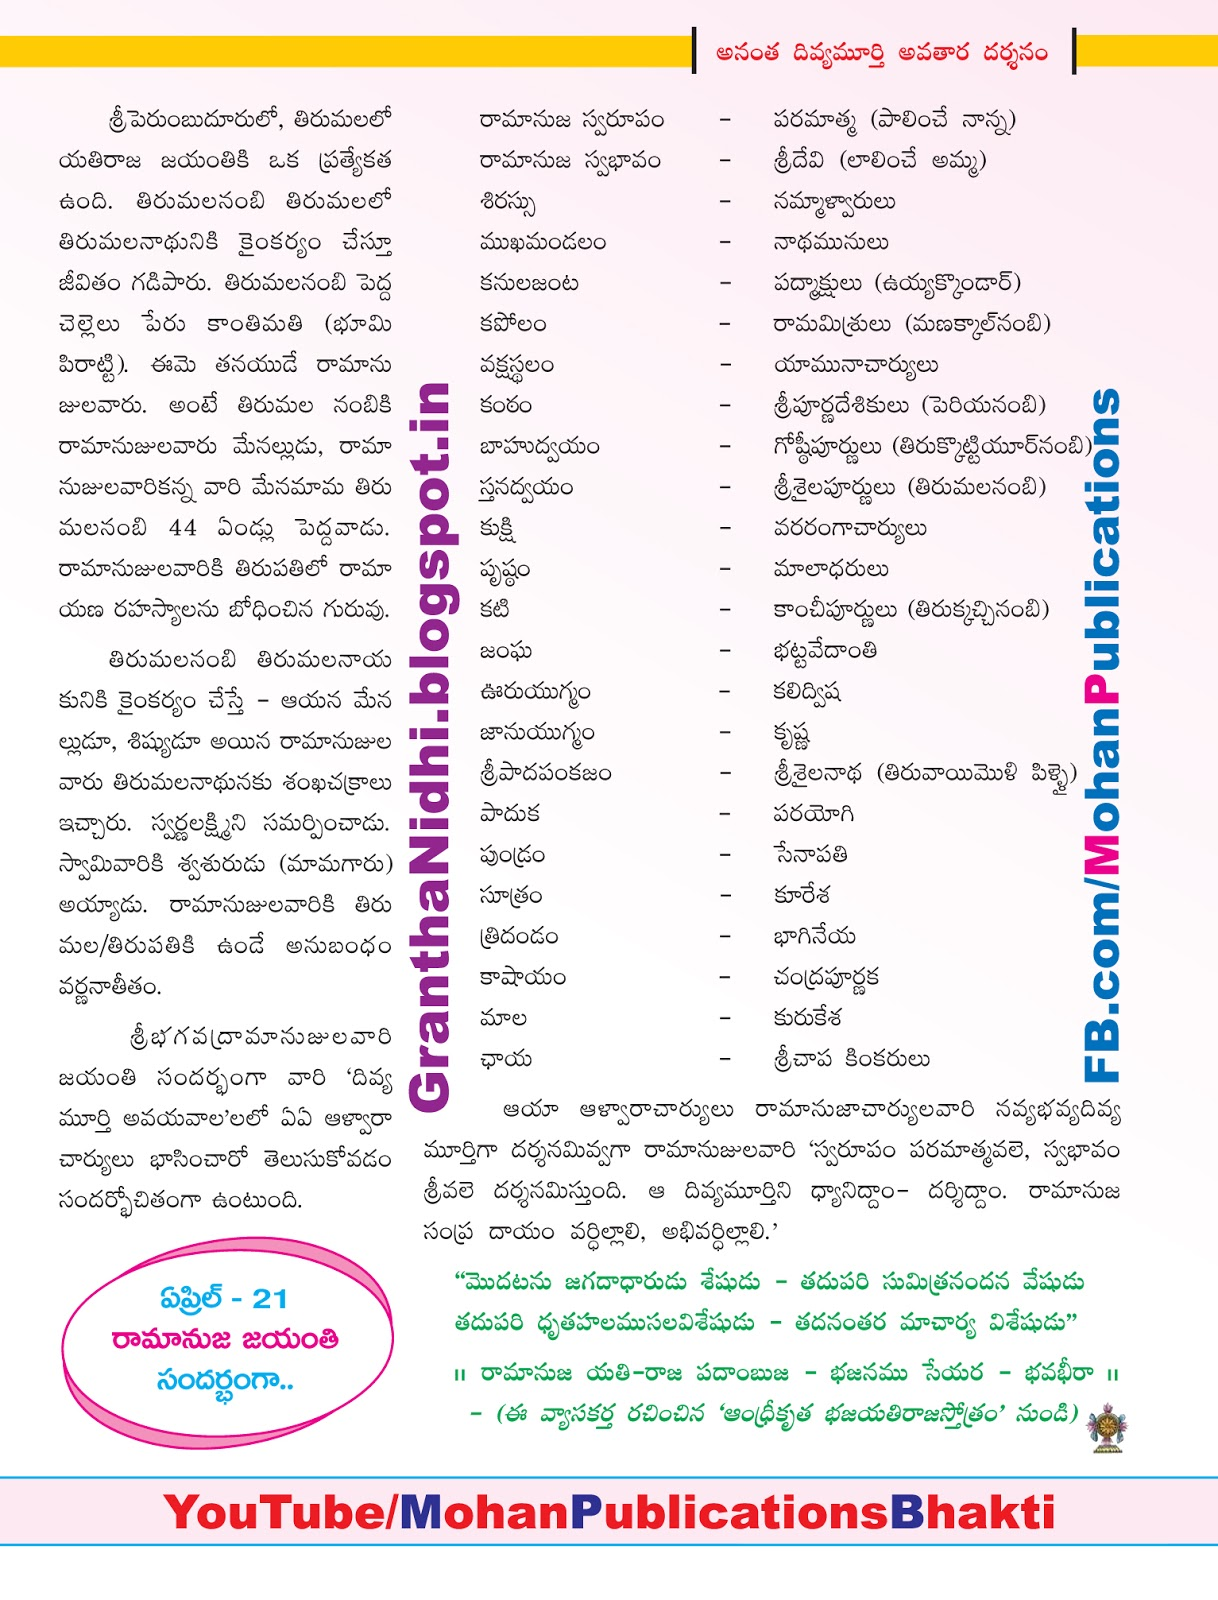 అనంత దివ్యమూర్తి అవతార దర్శనం Ramanujacharya Ramanujacharya Jayanthi Tridandi Ramanujacharya Tridandi Swamy Tridandi Swamiji TTD TTD Ebooks Sapthagiri Saptagiri Bhakthi Pustakalu Bhakti Pustakalu BhakthiPustakalu BhaktiPustakalu